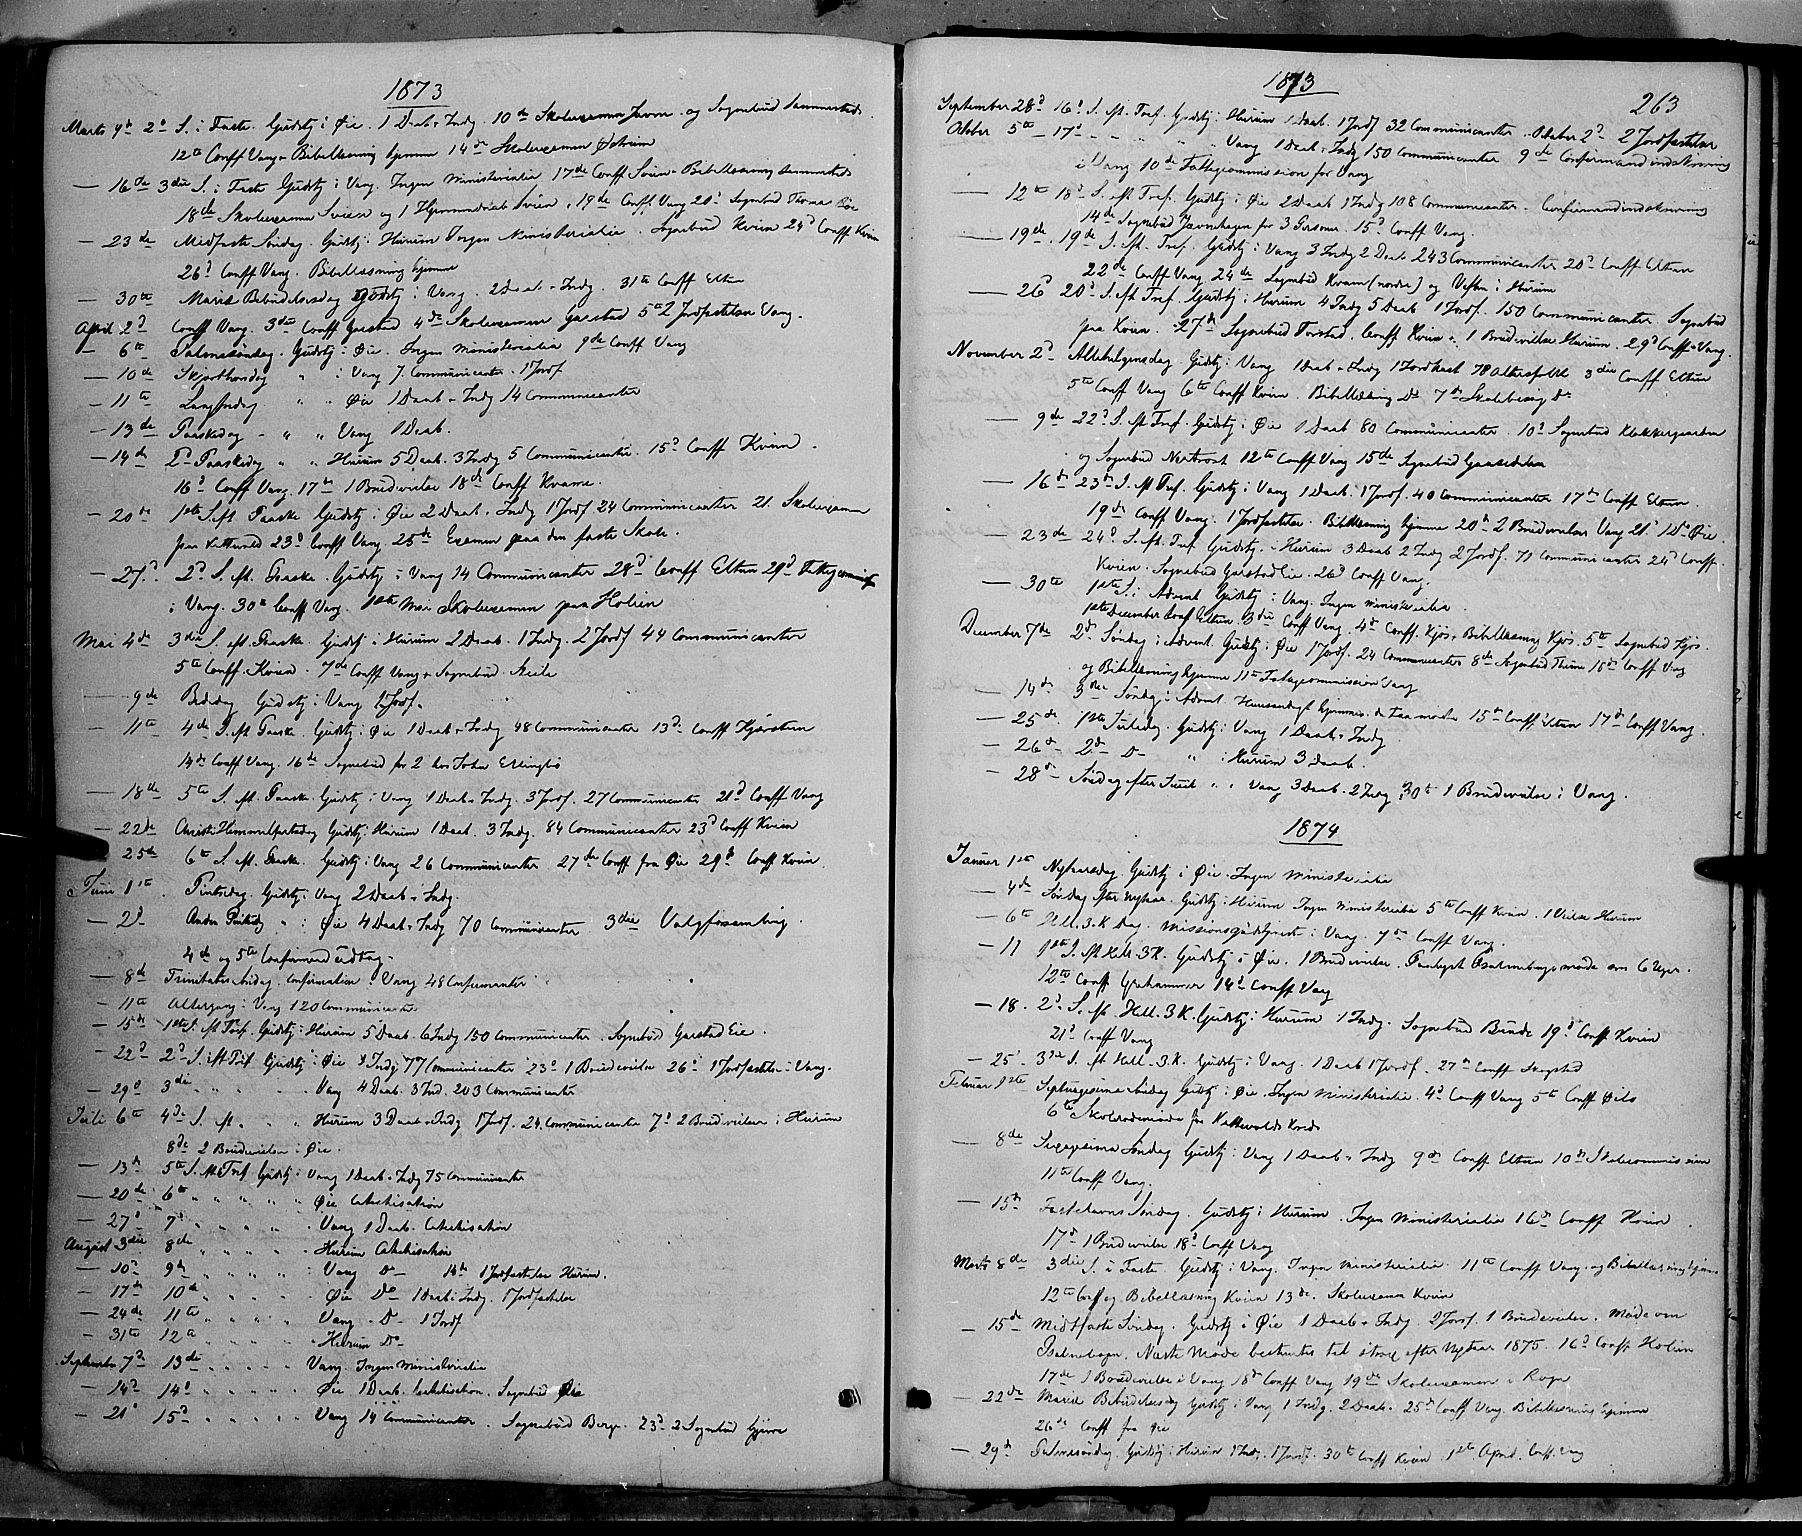 SAH, Vang prestekontor, Valdres, Ministerialbok nr. 7, 1865-1881, s. 263